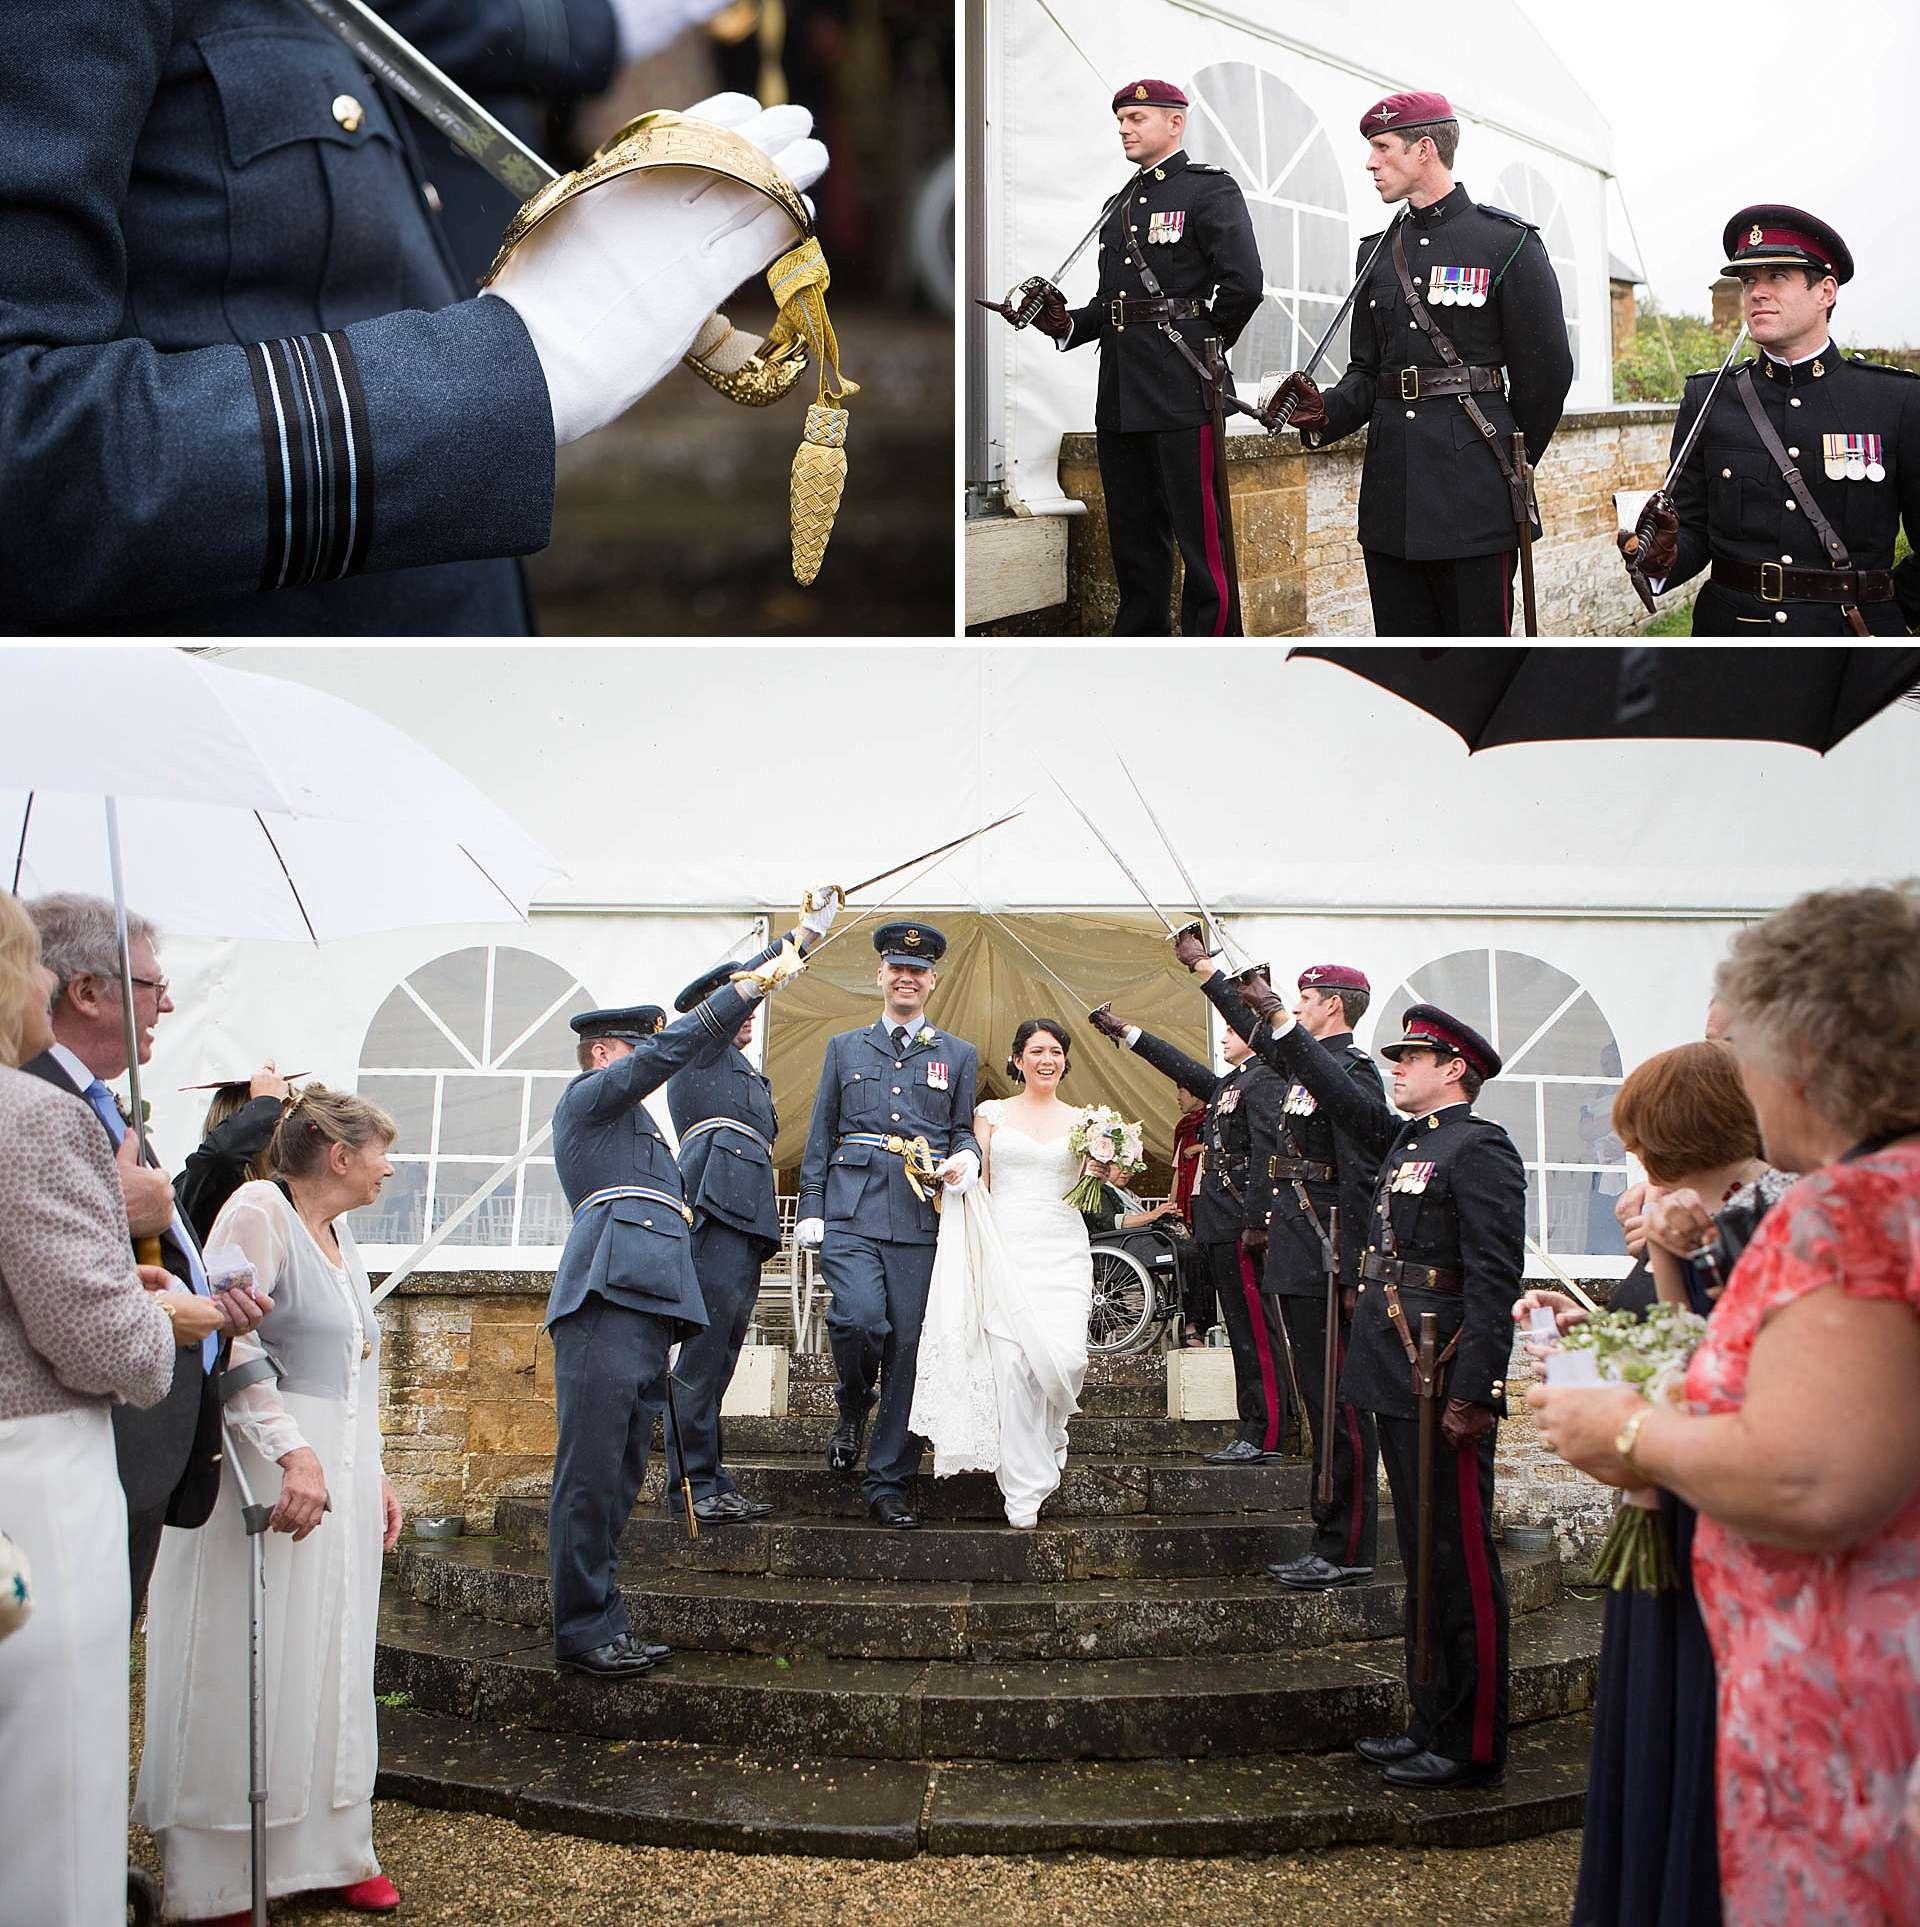 Oxfordshire RAF wedding